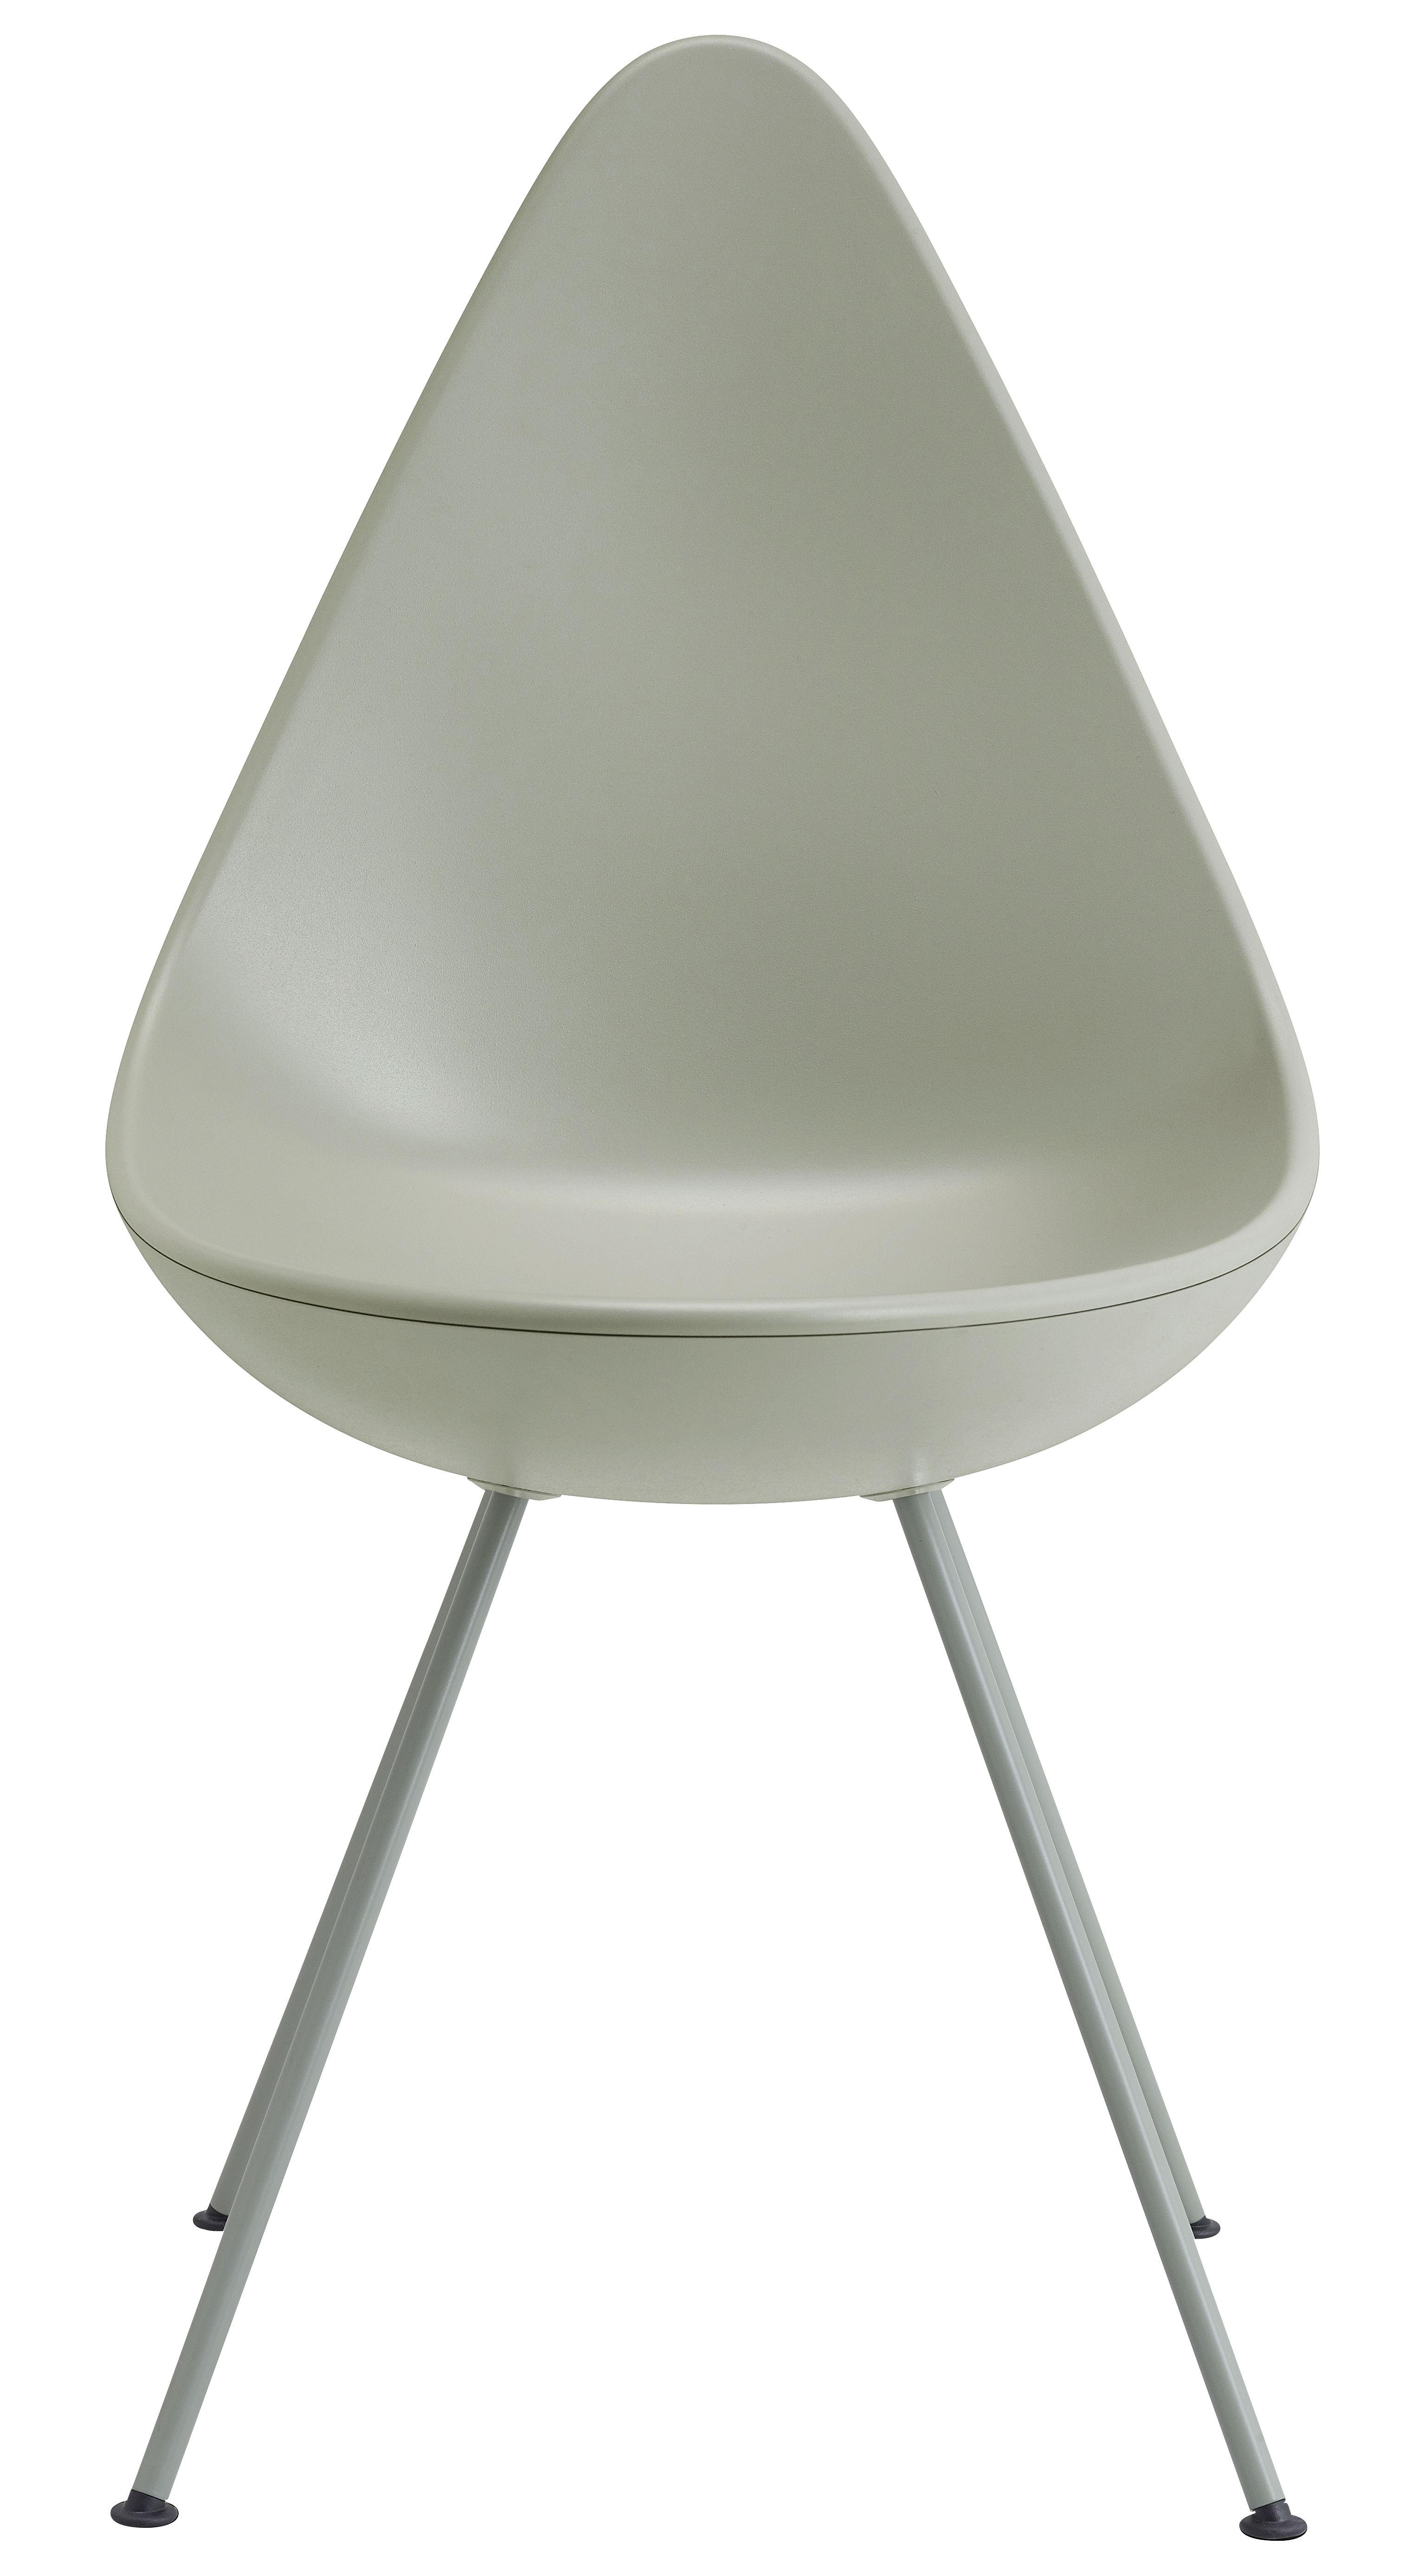 Arredamento - Sedie  - Sedia Drop / Guscio plastico - Riedizione 1958 - Fritz Hansen - Grigio - Acciaio laccato, Nylon, Plastica ABS